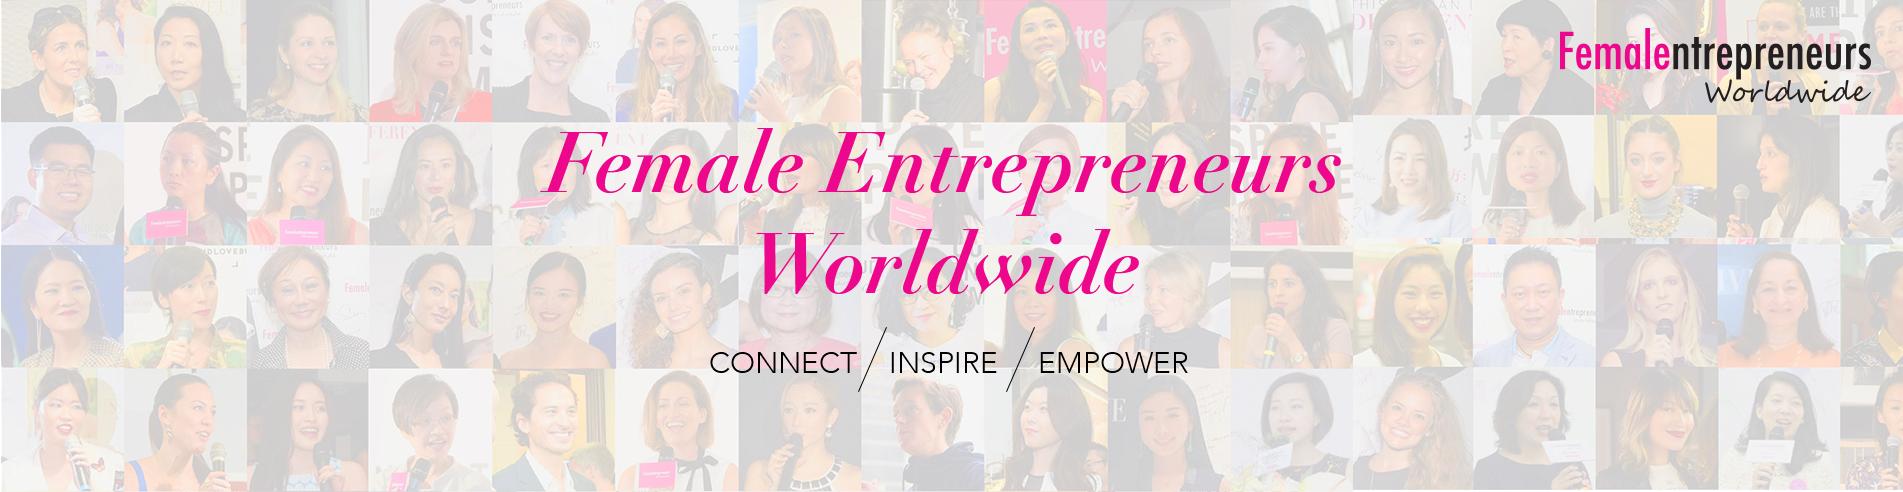 Female Entrepreneurs Worldwide (HK)